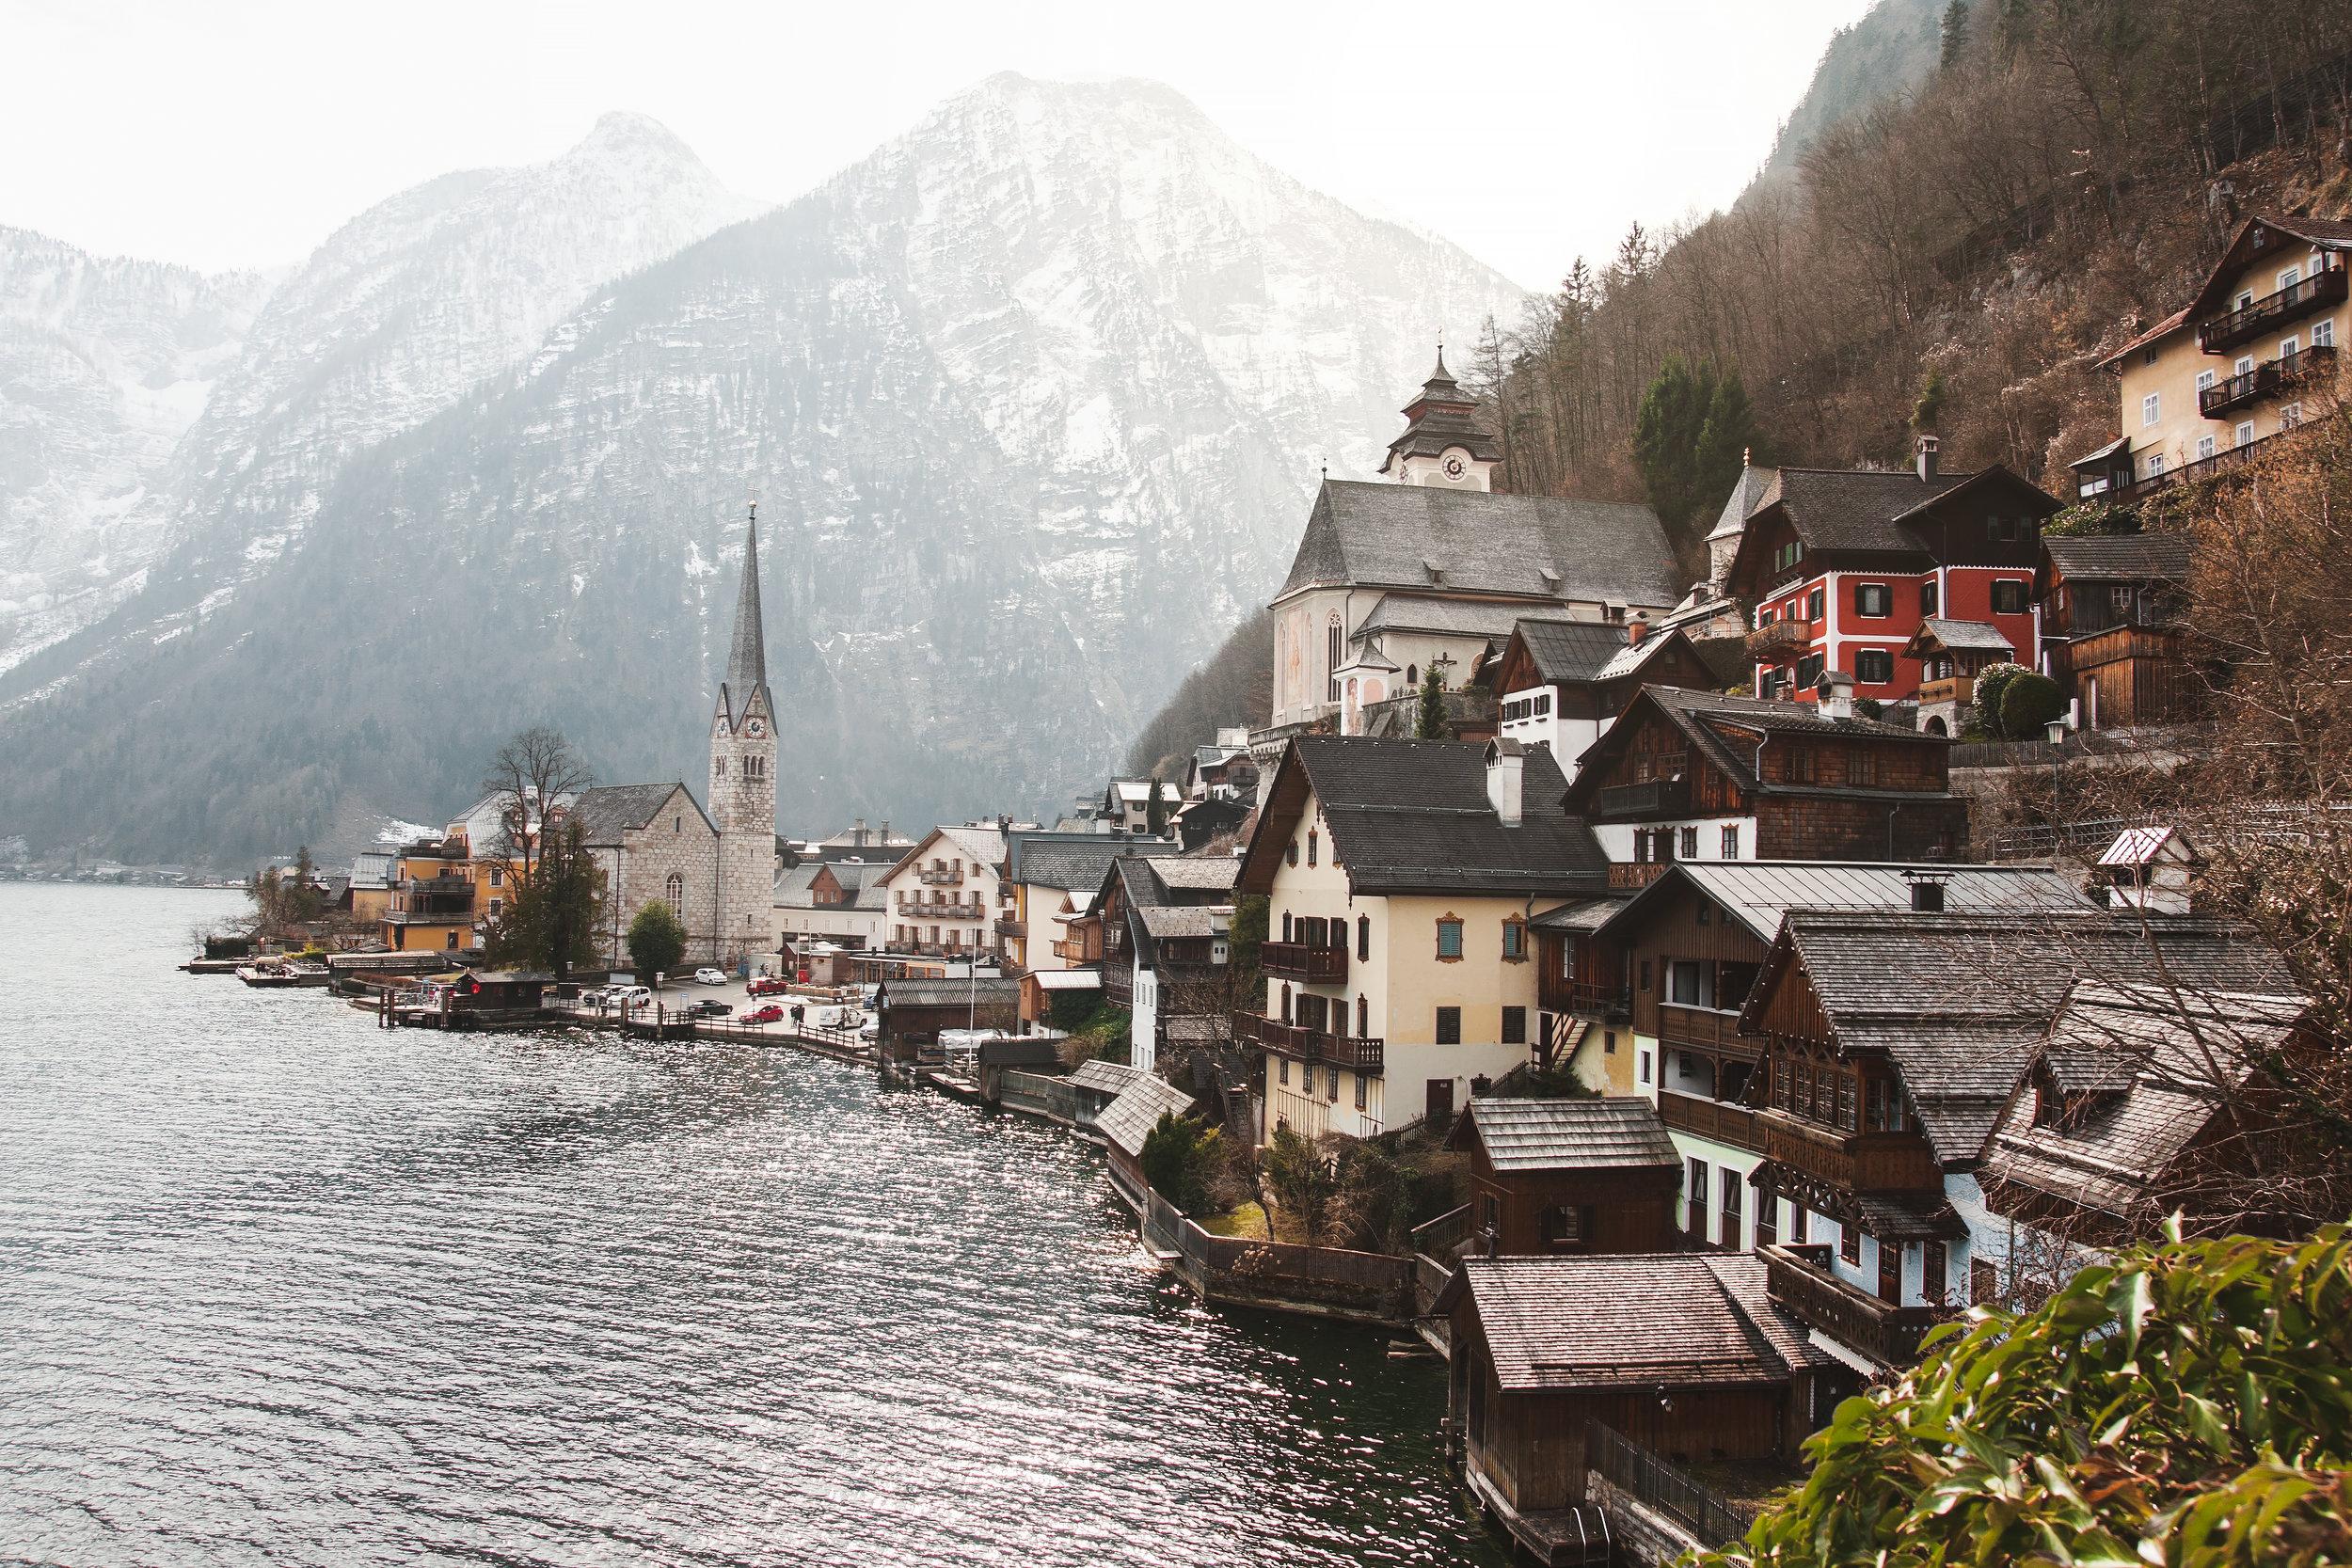 Bavaria, Suiza y Austria - El sur de Alemania, junto con la región del Tirol en el centro de Europa, será un viaje que te dejará sin aliento. Esa mezcla casi perfecta de la naturaleza y siglos de historia te hará tener uno de los mejores viajes de tu vida. Paisajes surreales, cervezas de clase mundial, pueblos que parecen sacados de cuentos de hadas, transportación pública de excelencia y un ambiente relajado, son varias de las cosas que encontrarás en esta región que muestra la majestuosidad de los Alpes europeos. Los pueblos a las faldas de los Alpes que dejarán en tu mente paisajes grabados, como si fuera una postal.